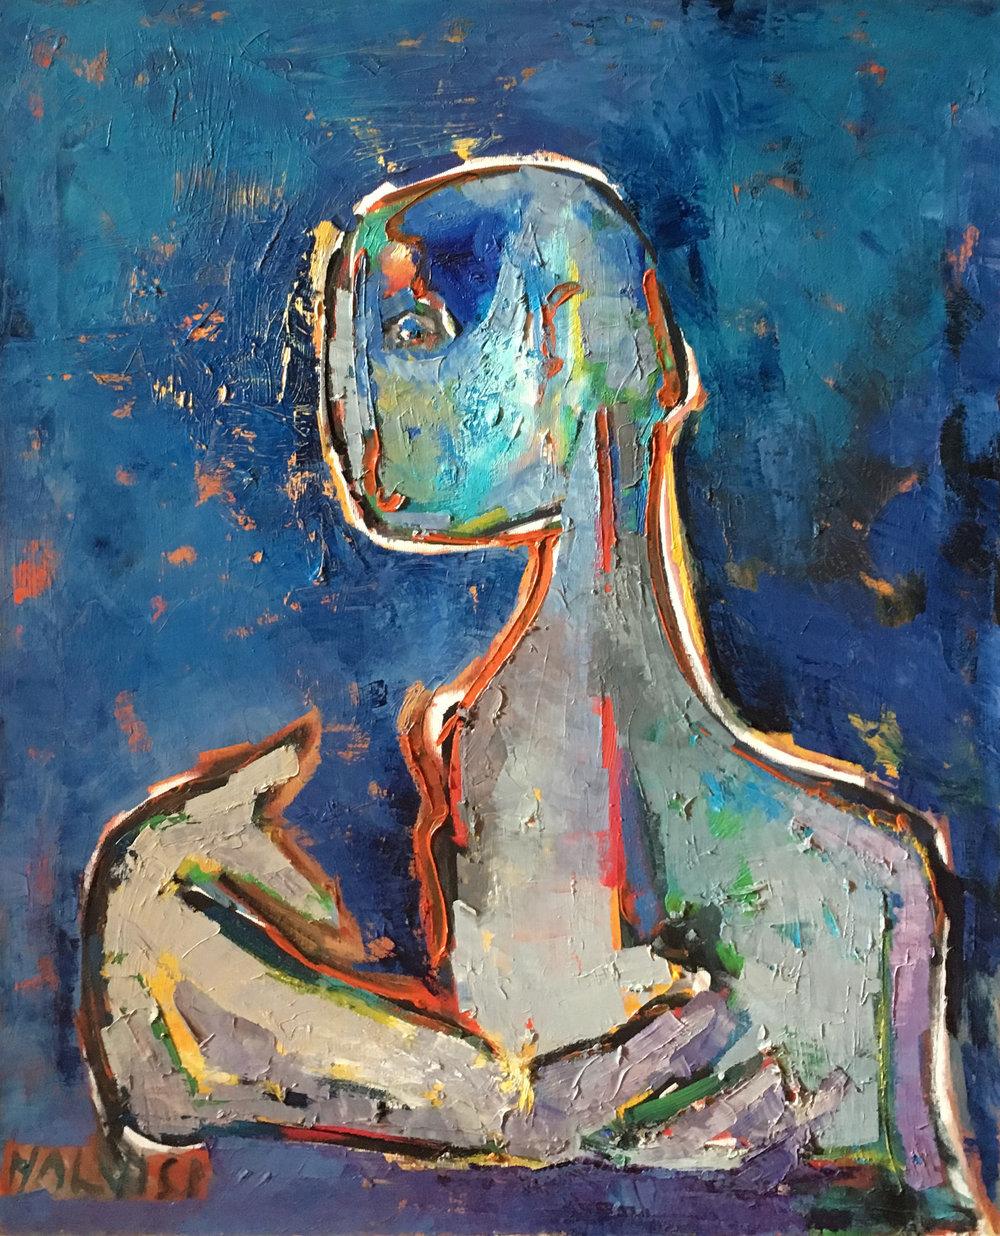 <b>Appearances</b><br> 1989 Oil on canvas <br> cm 60 x 80